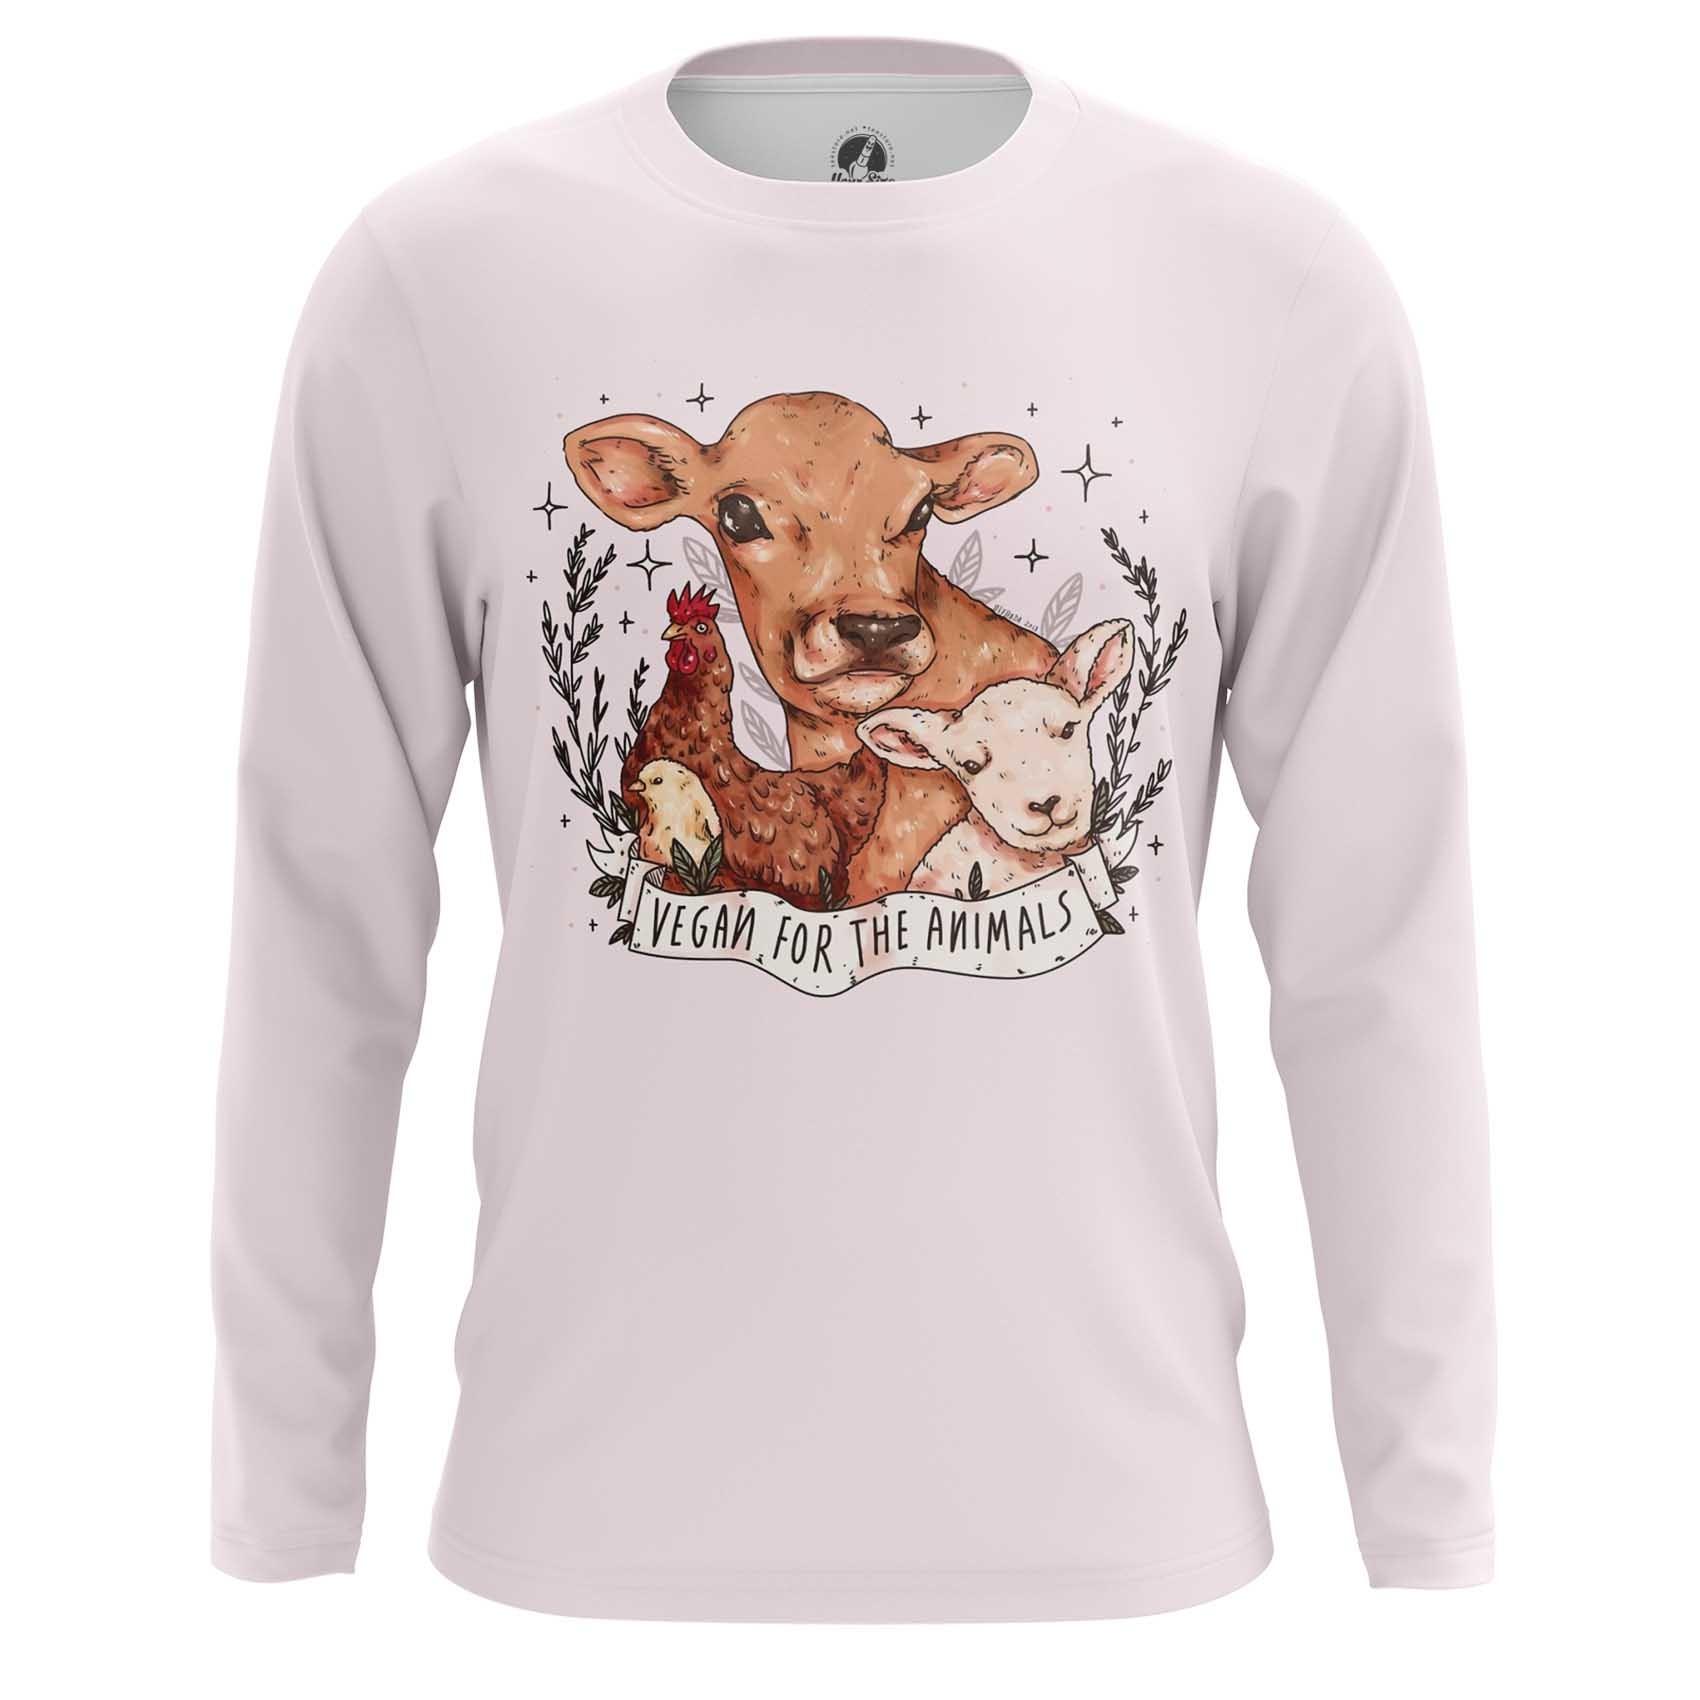 Merchandise Men'S Tank Animals Vegan Merch Vest